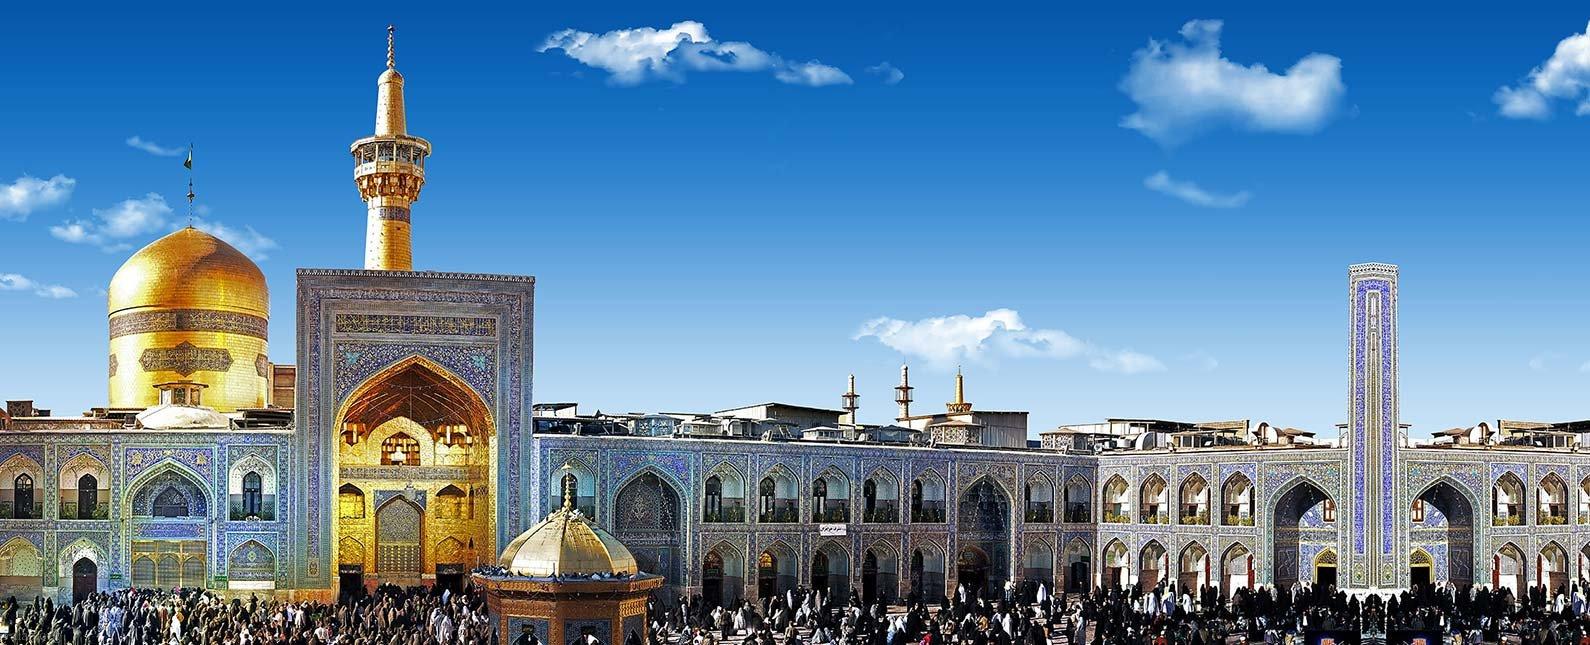 بهترین شهرهای ایران از نظر امکانات و جاذبه های گردشگری و تفریحی